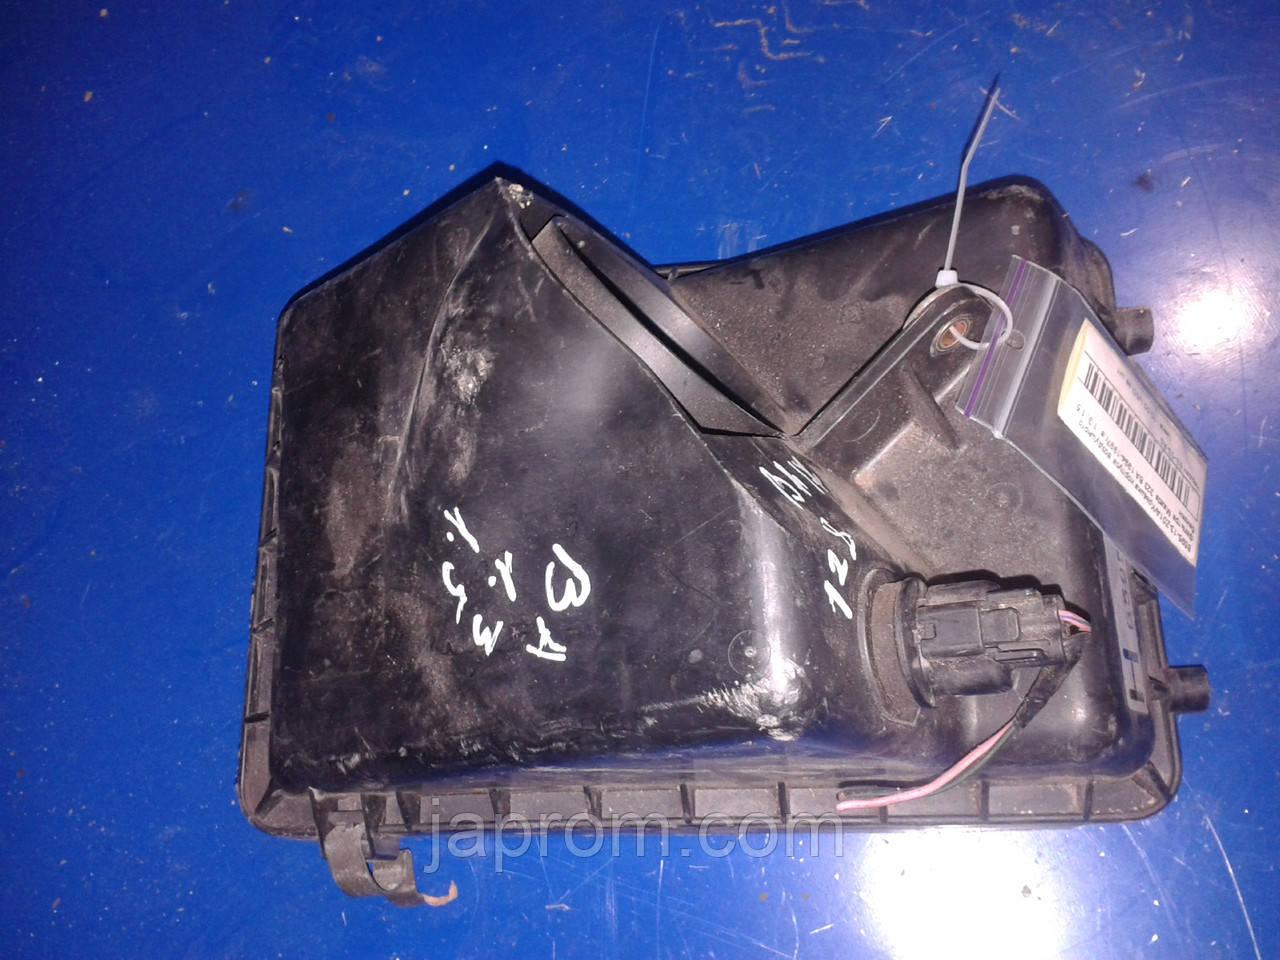 Крышка корпуса воздушного фильтра Mazda 323 BA 1994-1997г.в. 1.3, 1.5 бензин